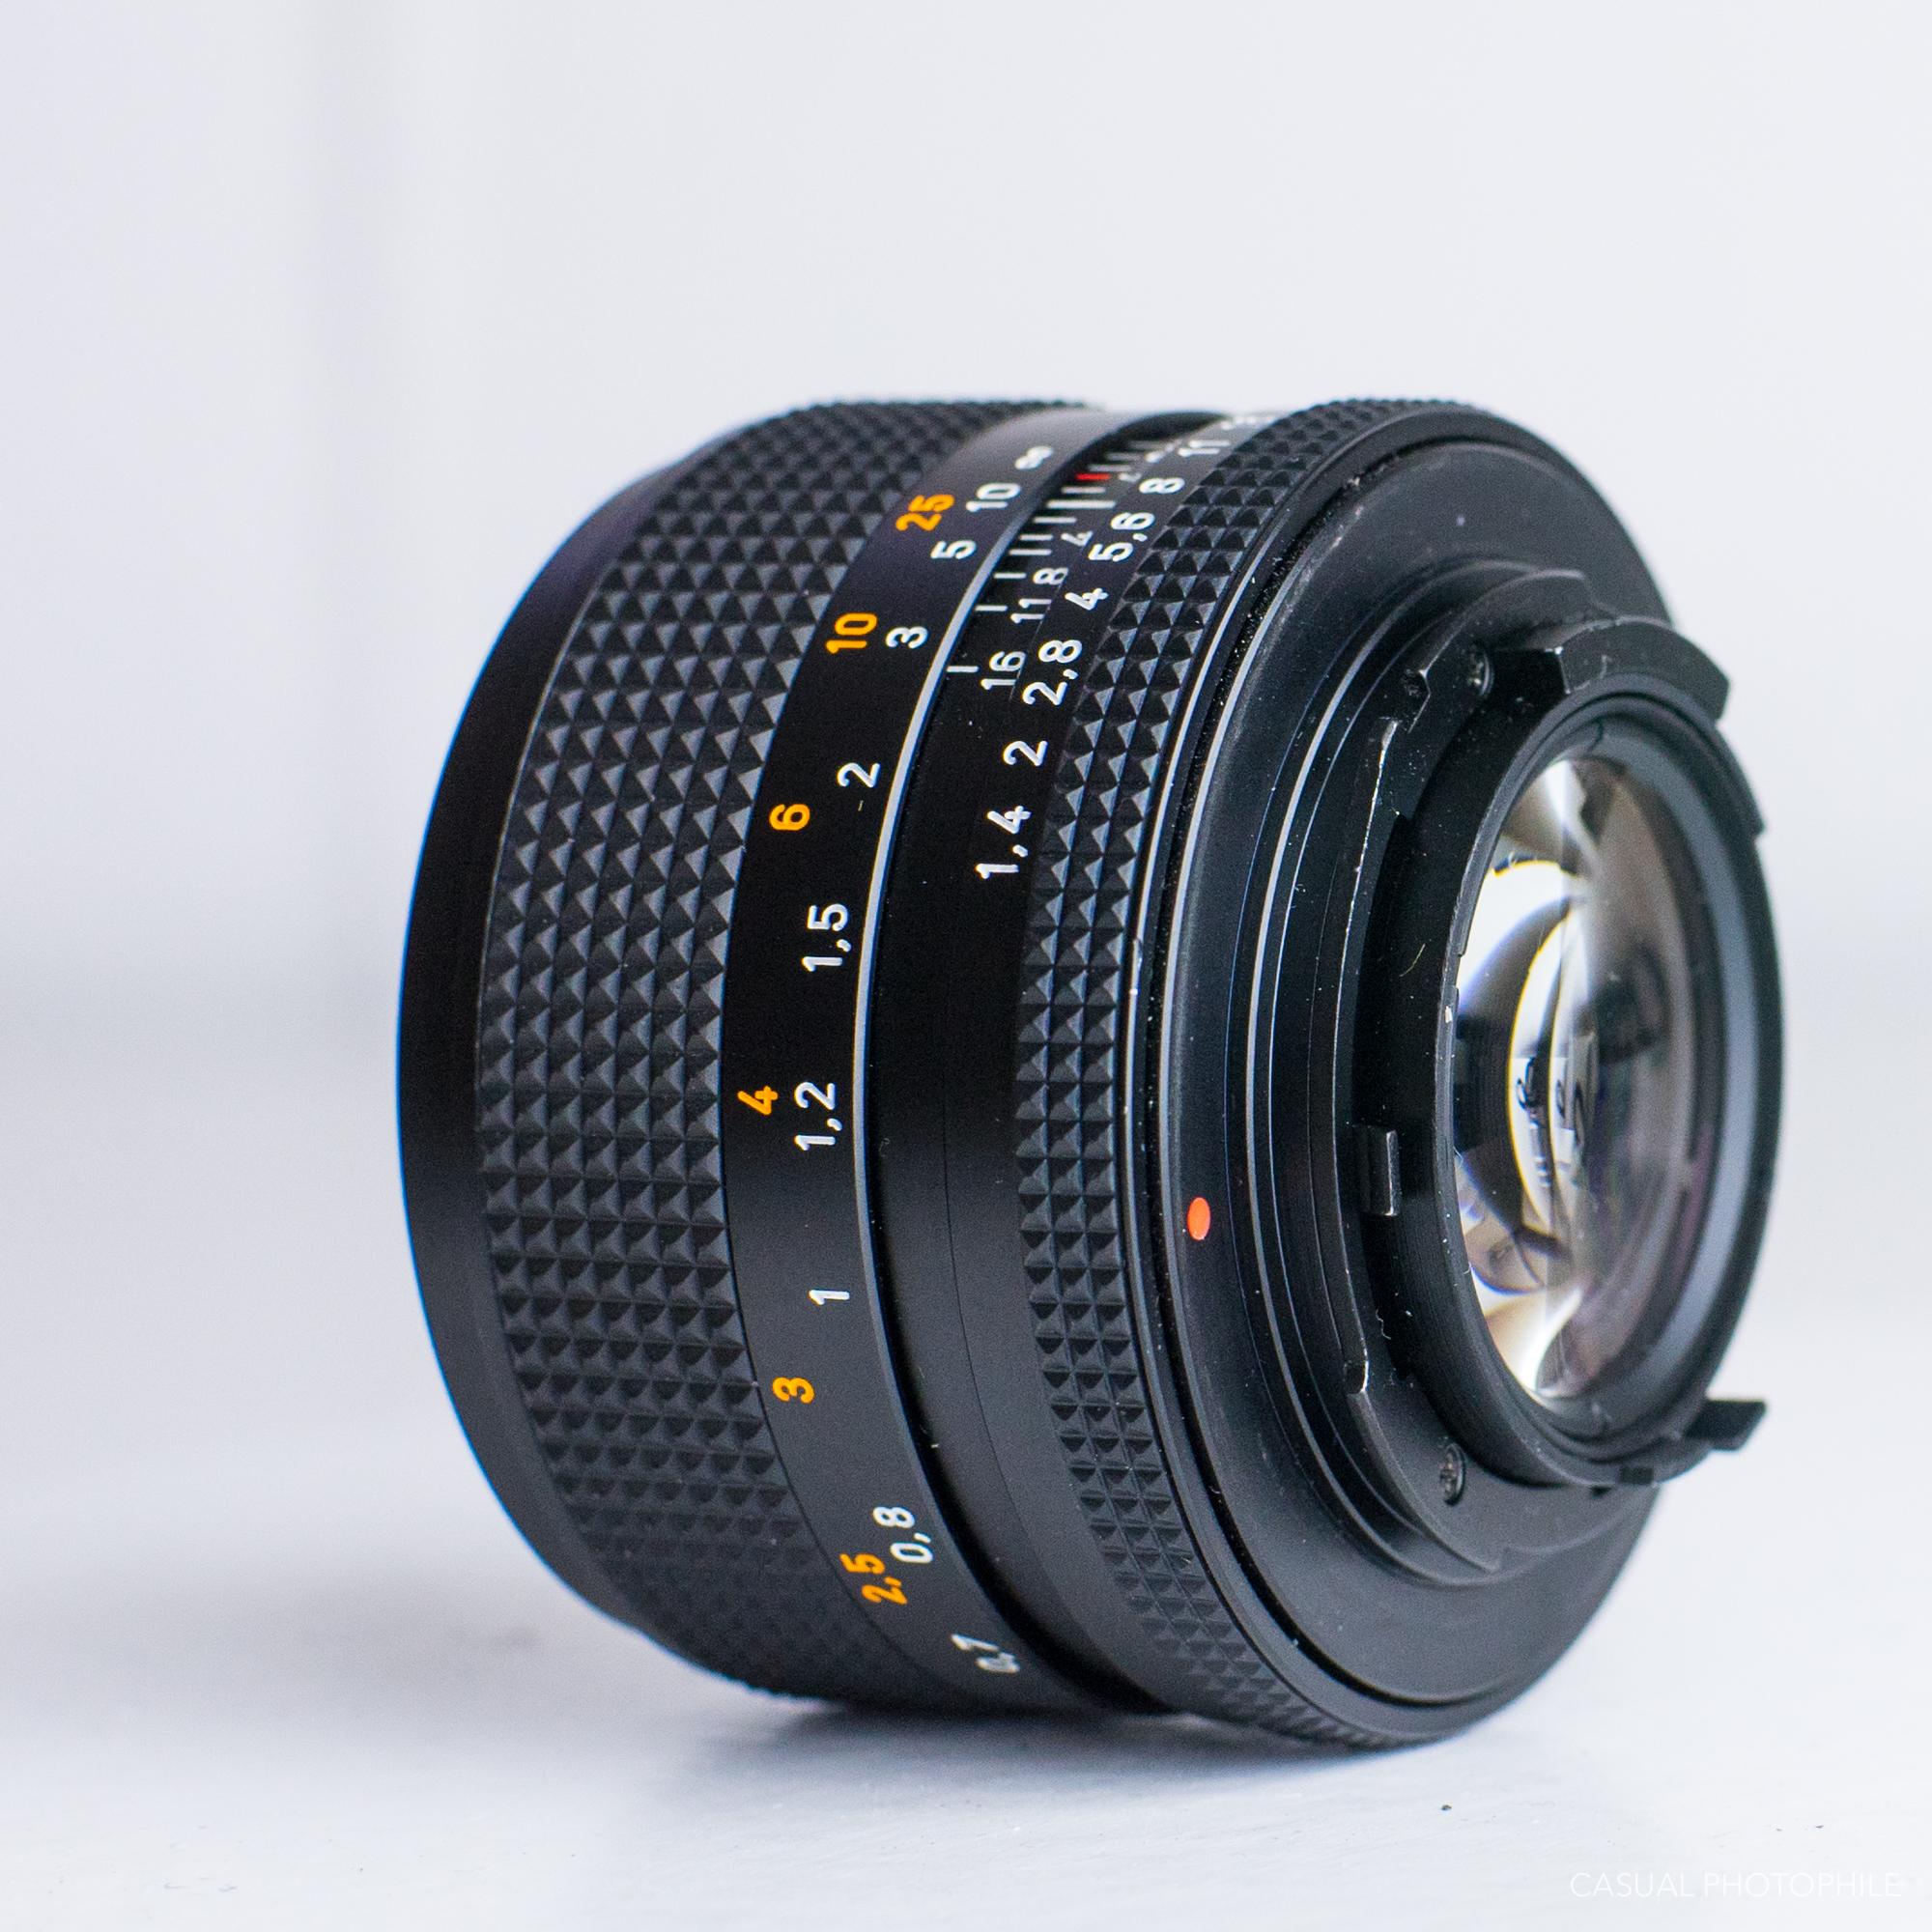 Zeiss Planar 50mm 1.4 bproduct photos-6.jpg